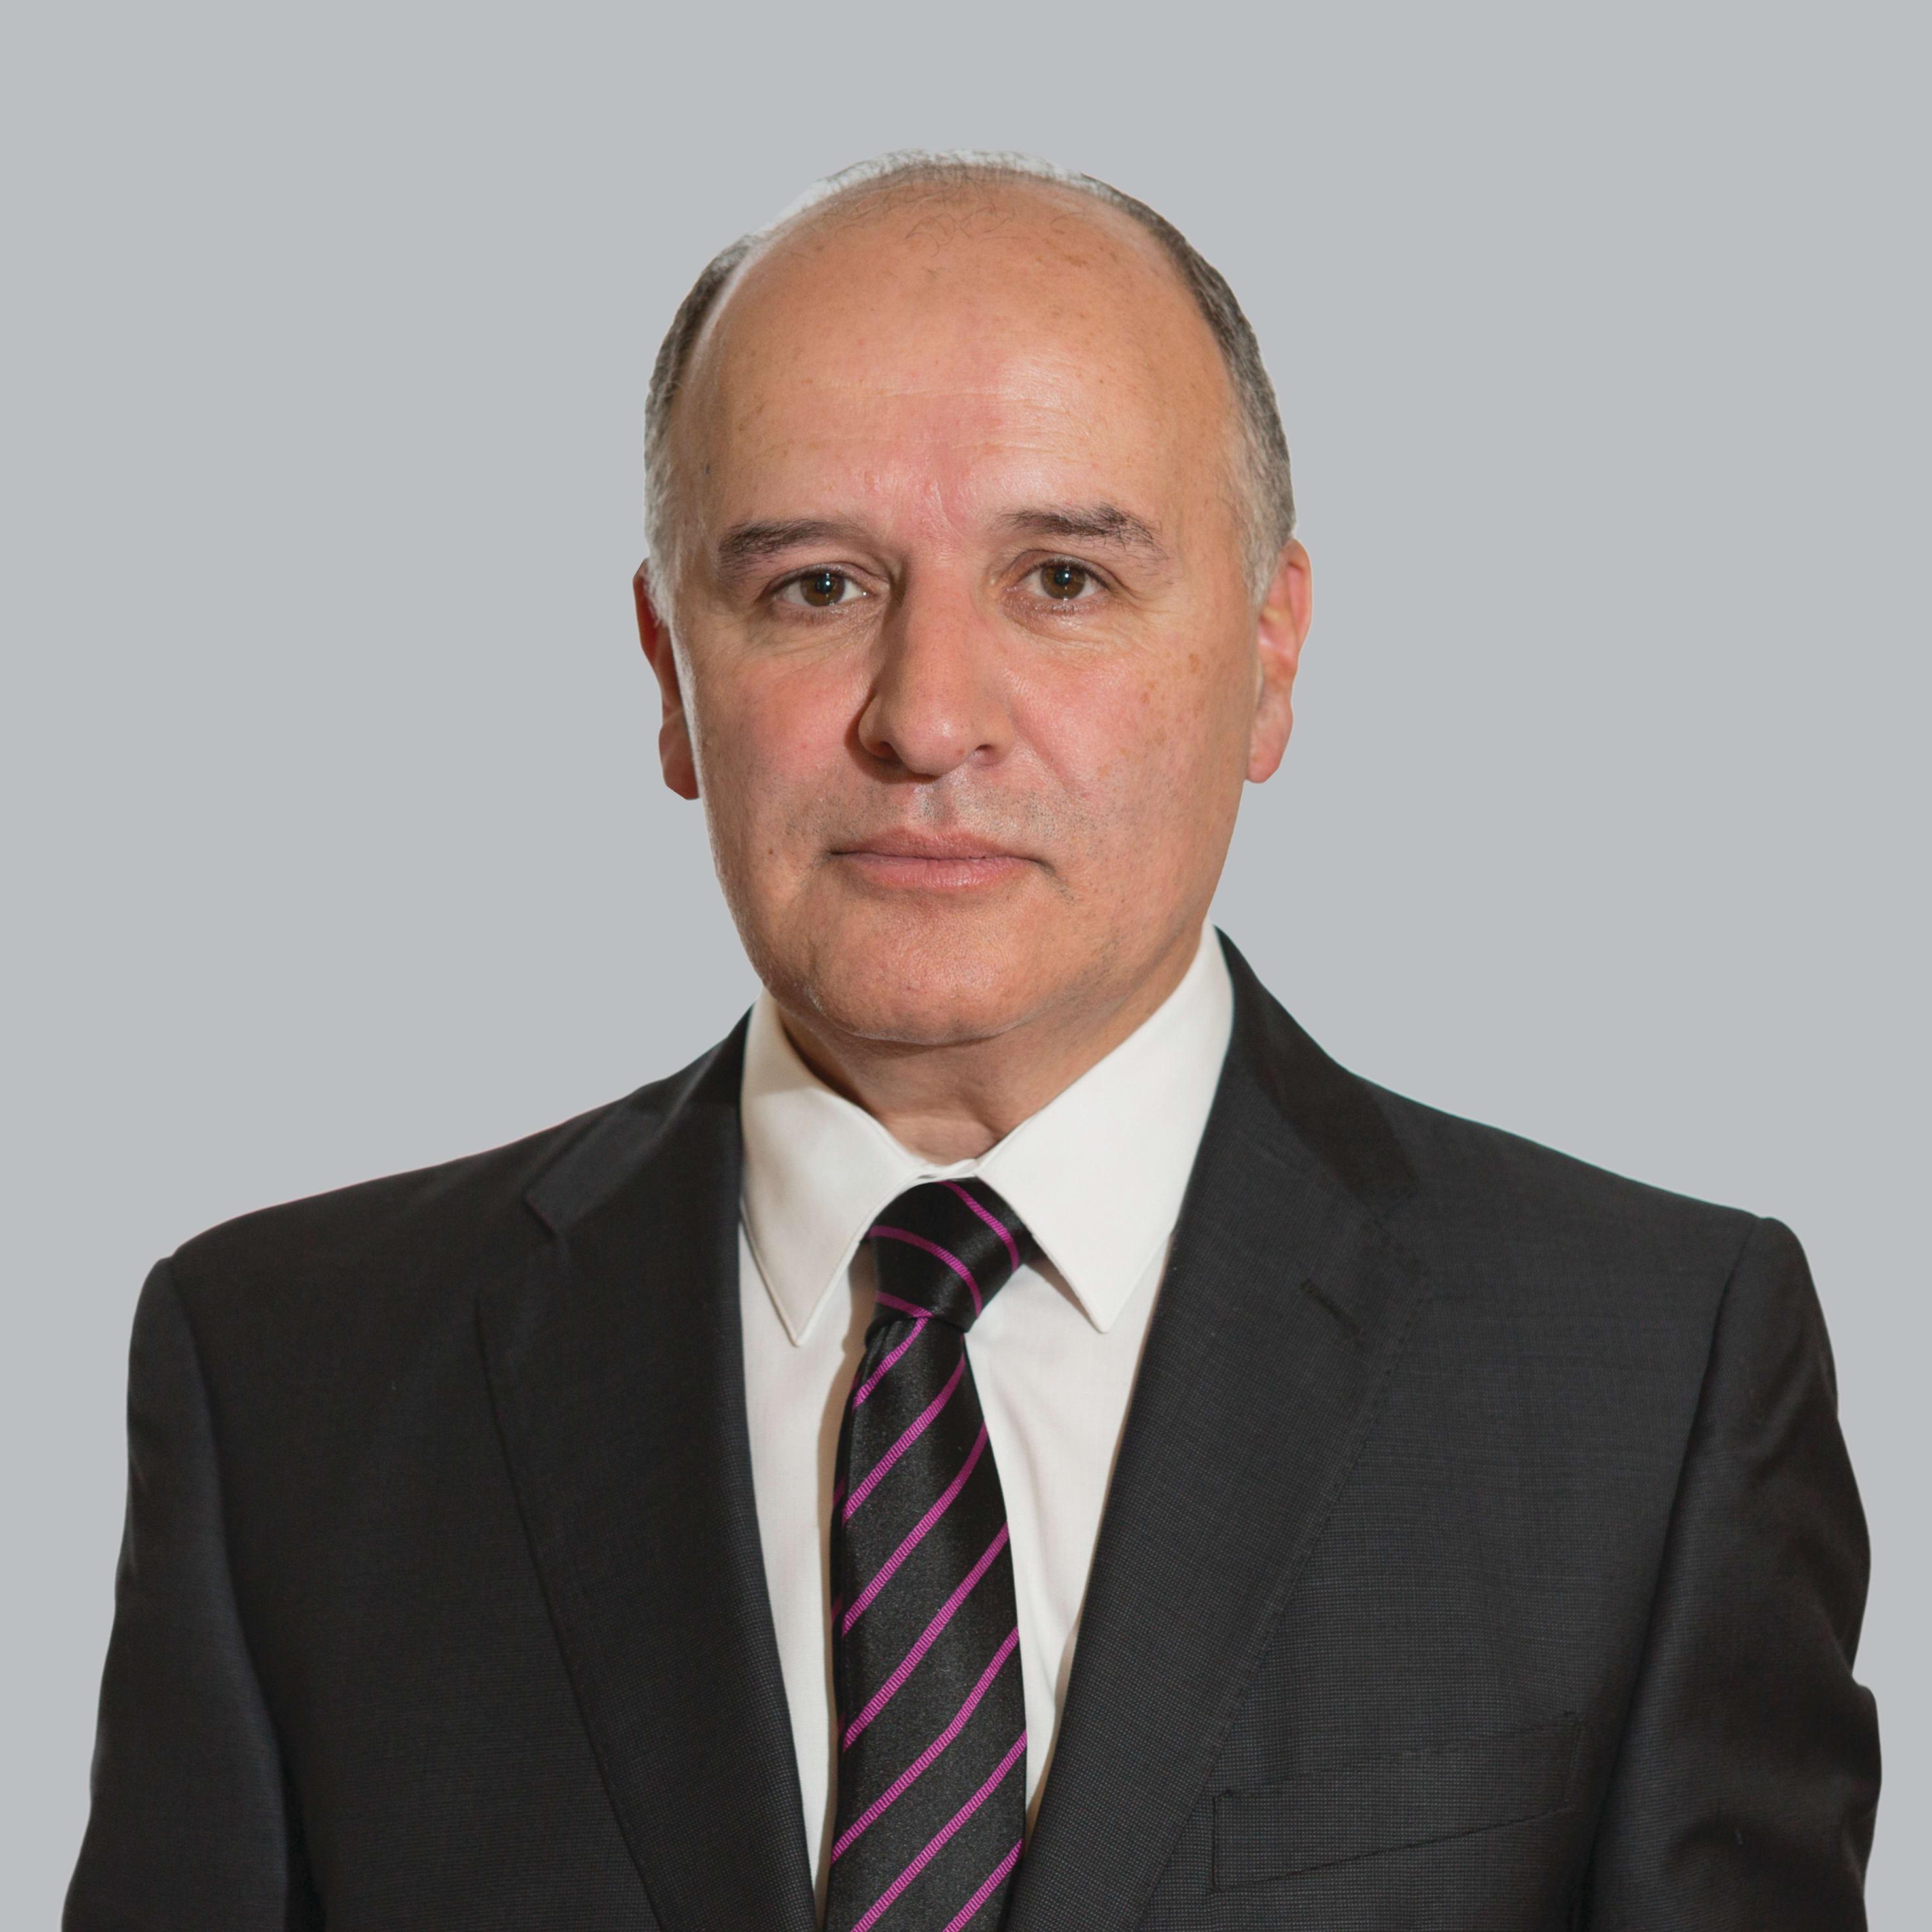 Néstor De Lisio | Dolar, BCRA, MEP, Contado con liqui, Compra dolar, rsm argentina